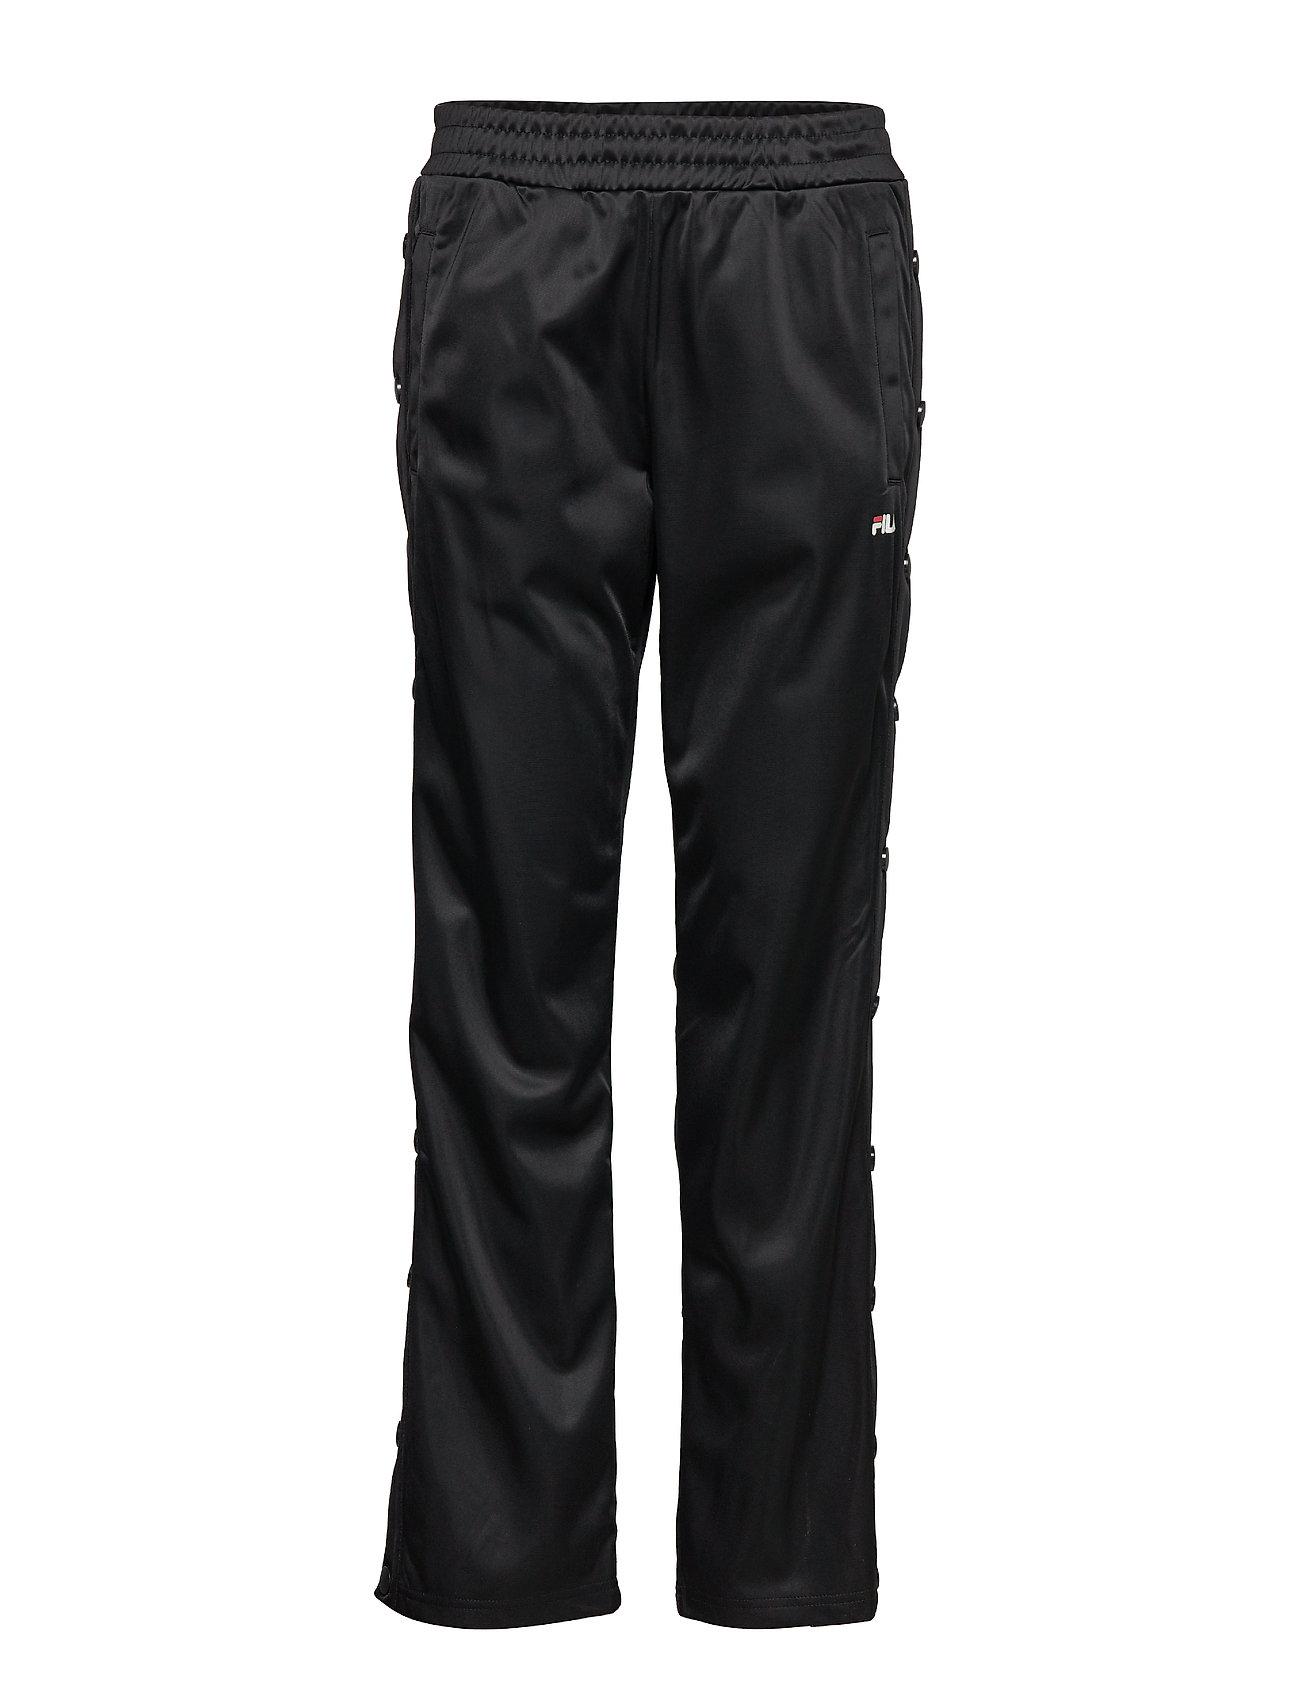 FILA Geralyn Button Pants - BLACK